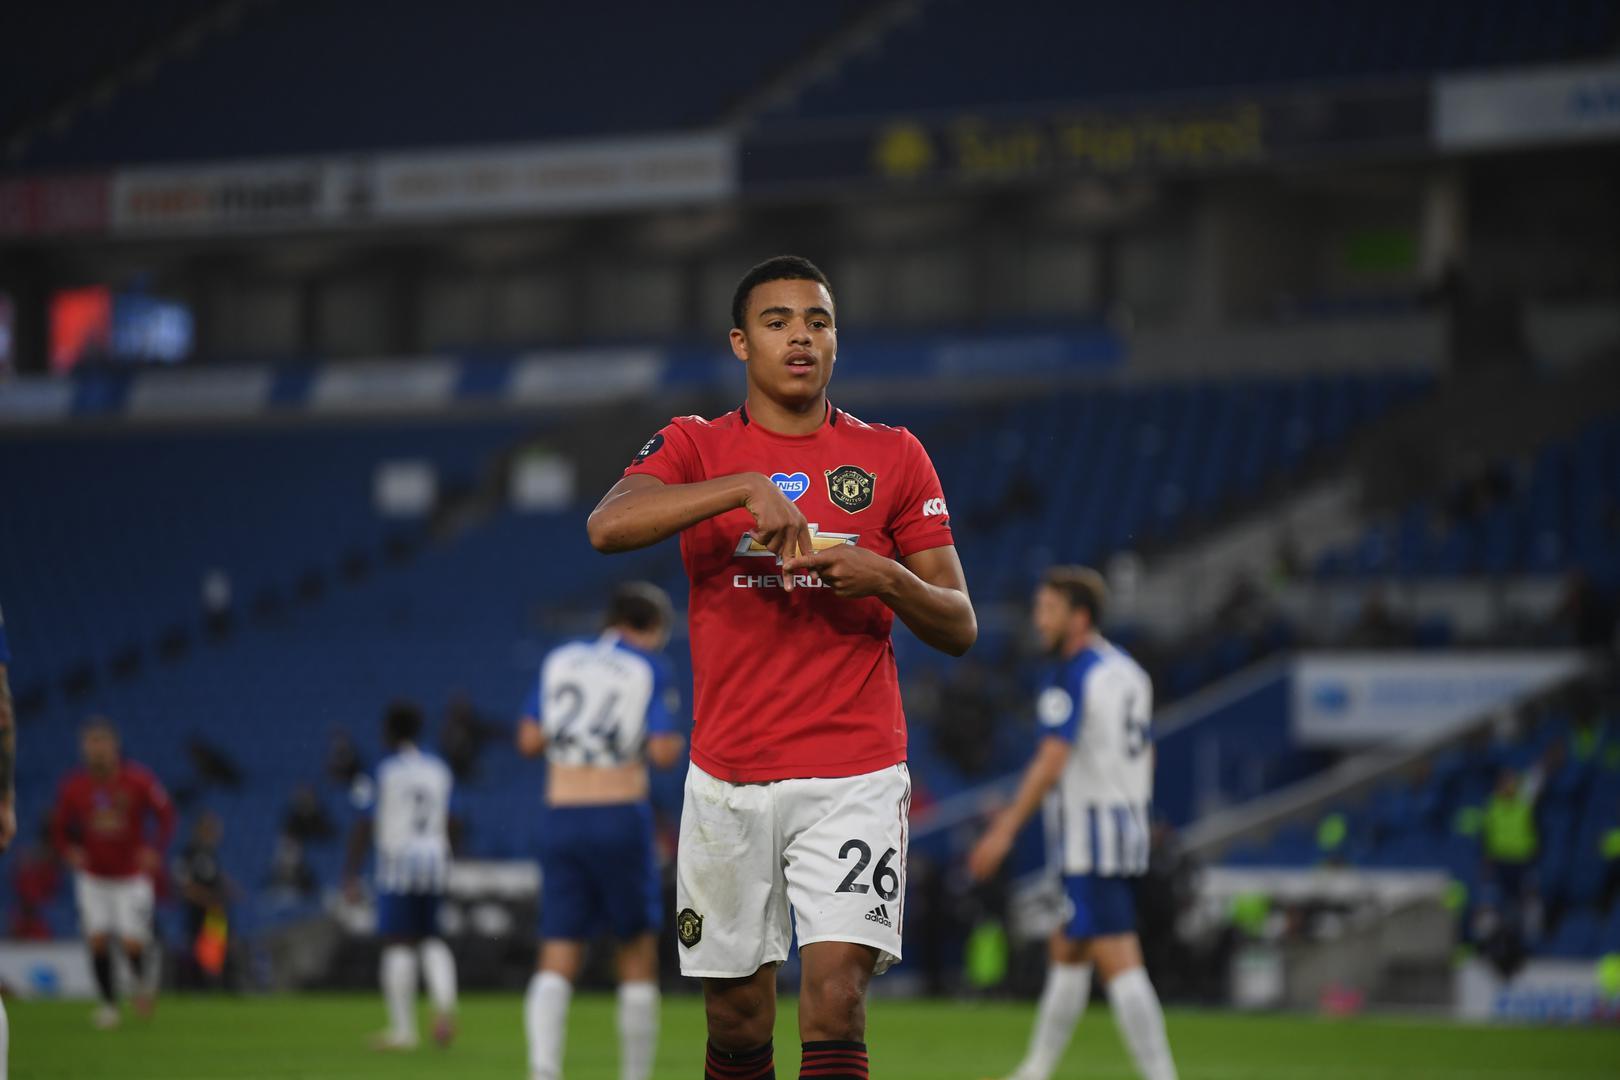 Gallery of match pics from Brighton v Man Utd on 30 June 2020 ...